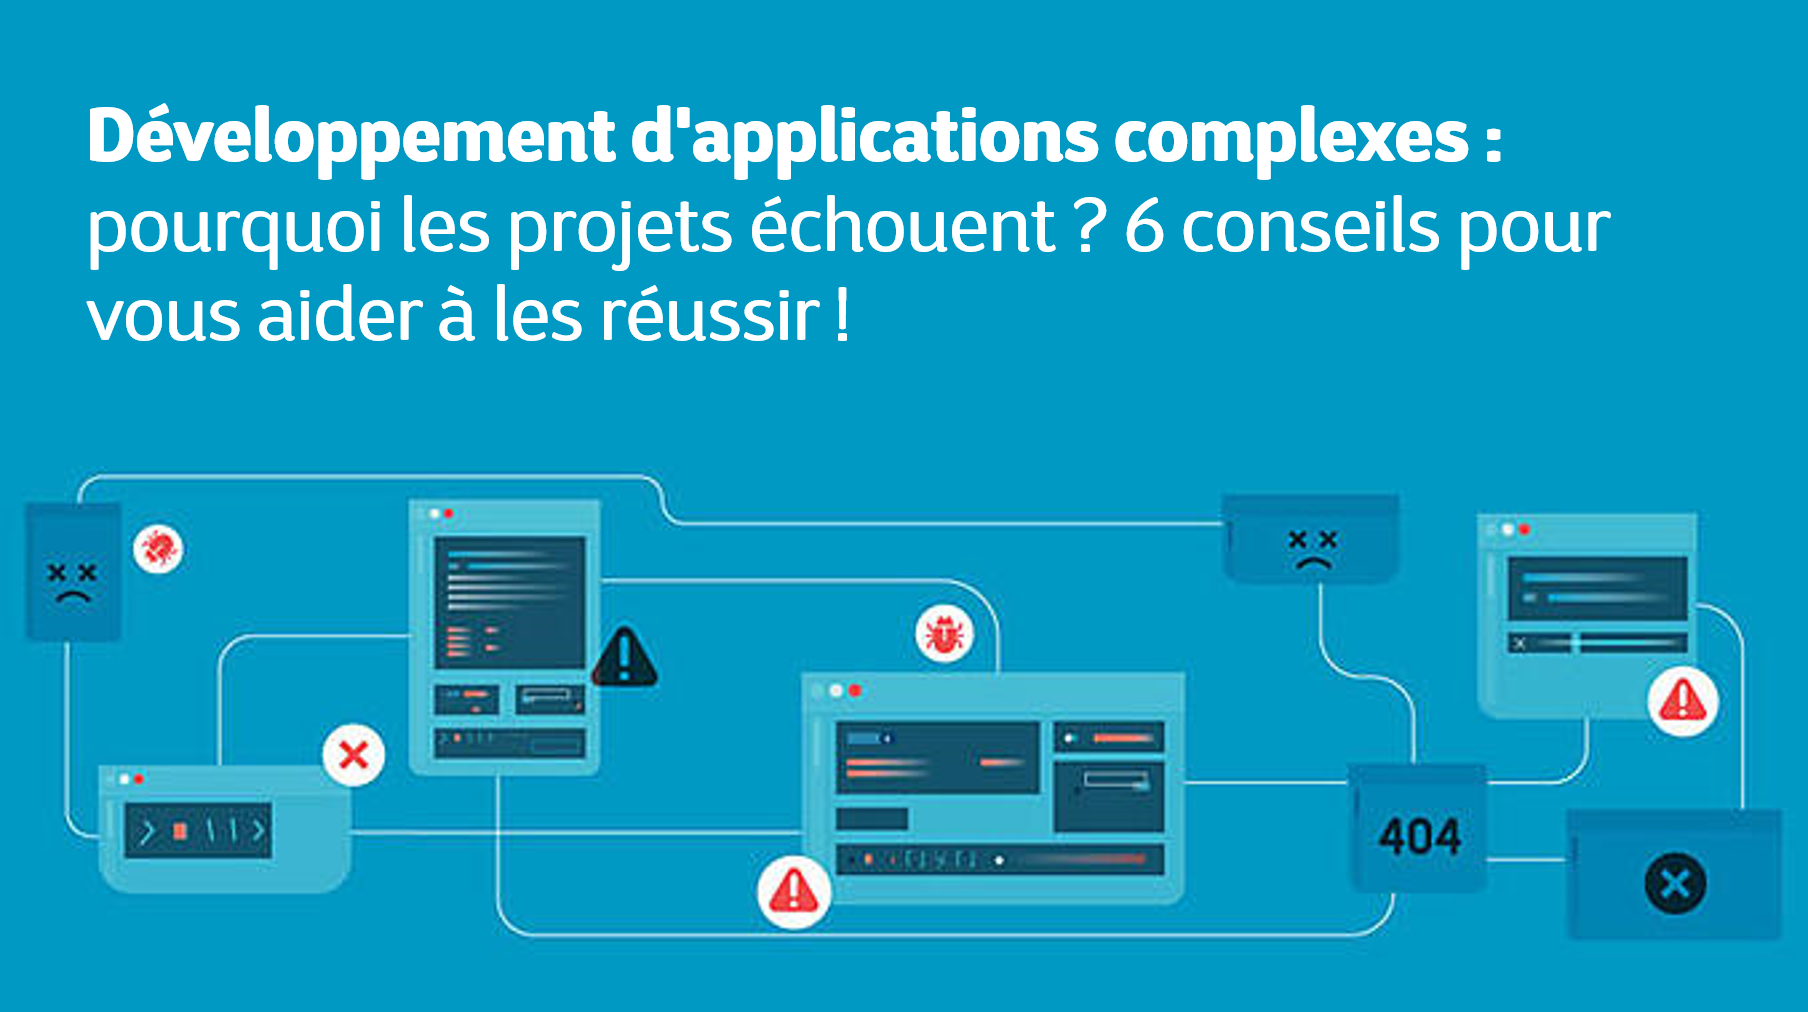 Développement d'applications complexes : pourquoi les projets échouent et 6 conseils pour vous aider à les réussir